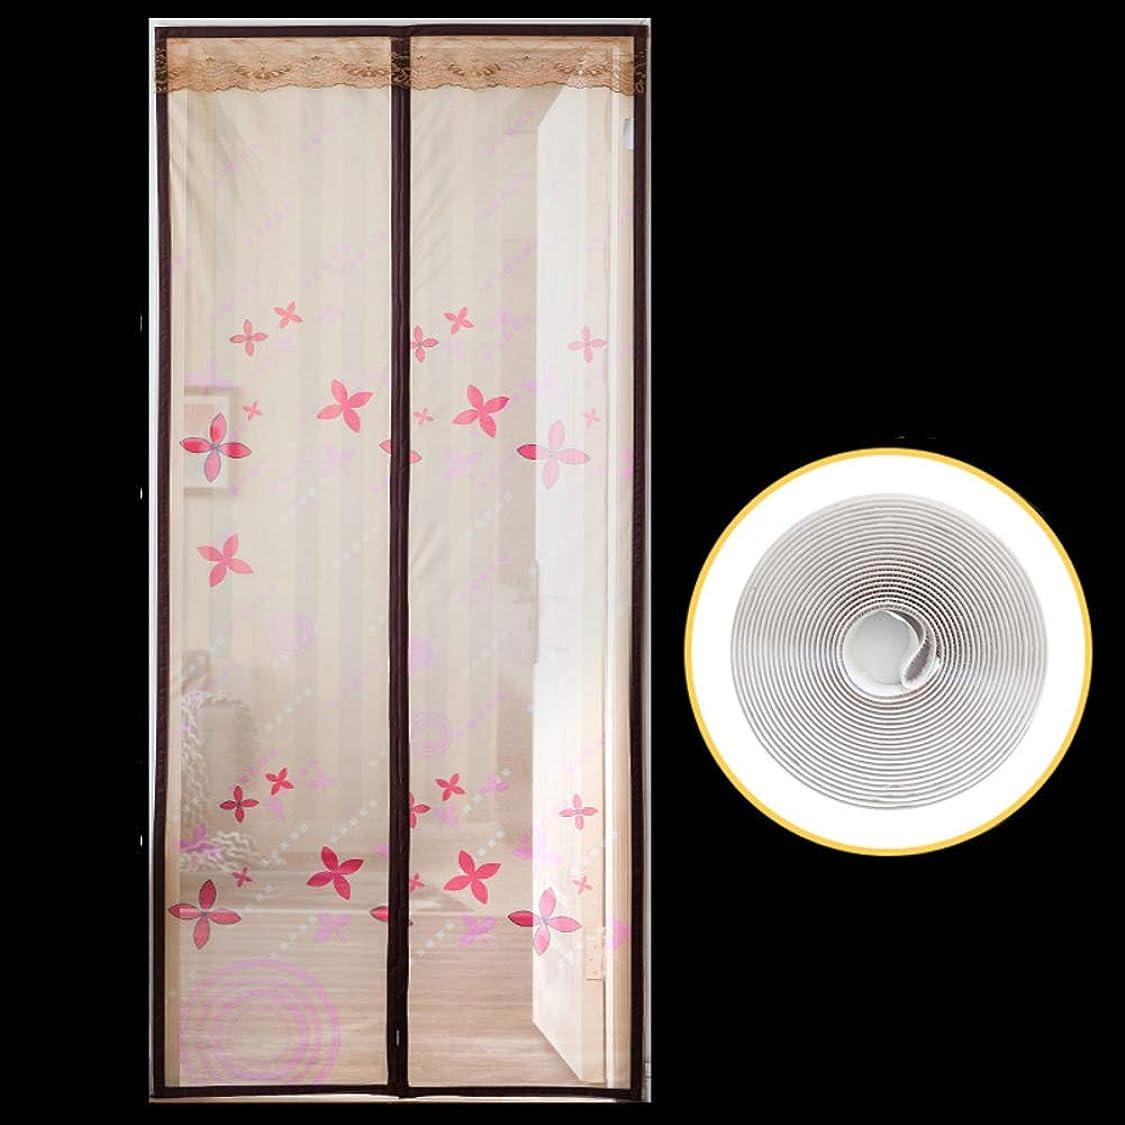 ミトン雑品リーズフルフレーム バックドア カーテン, 魔法のマグネット開閉式 バグを保つ そして 蚊アウト 南京虫対策 防蚊を飛ぶ-a W:100cmxh:200cm